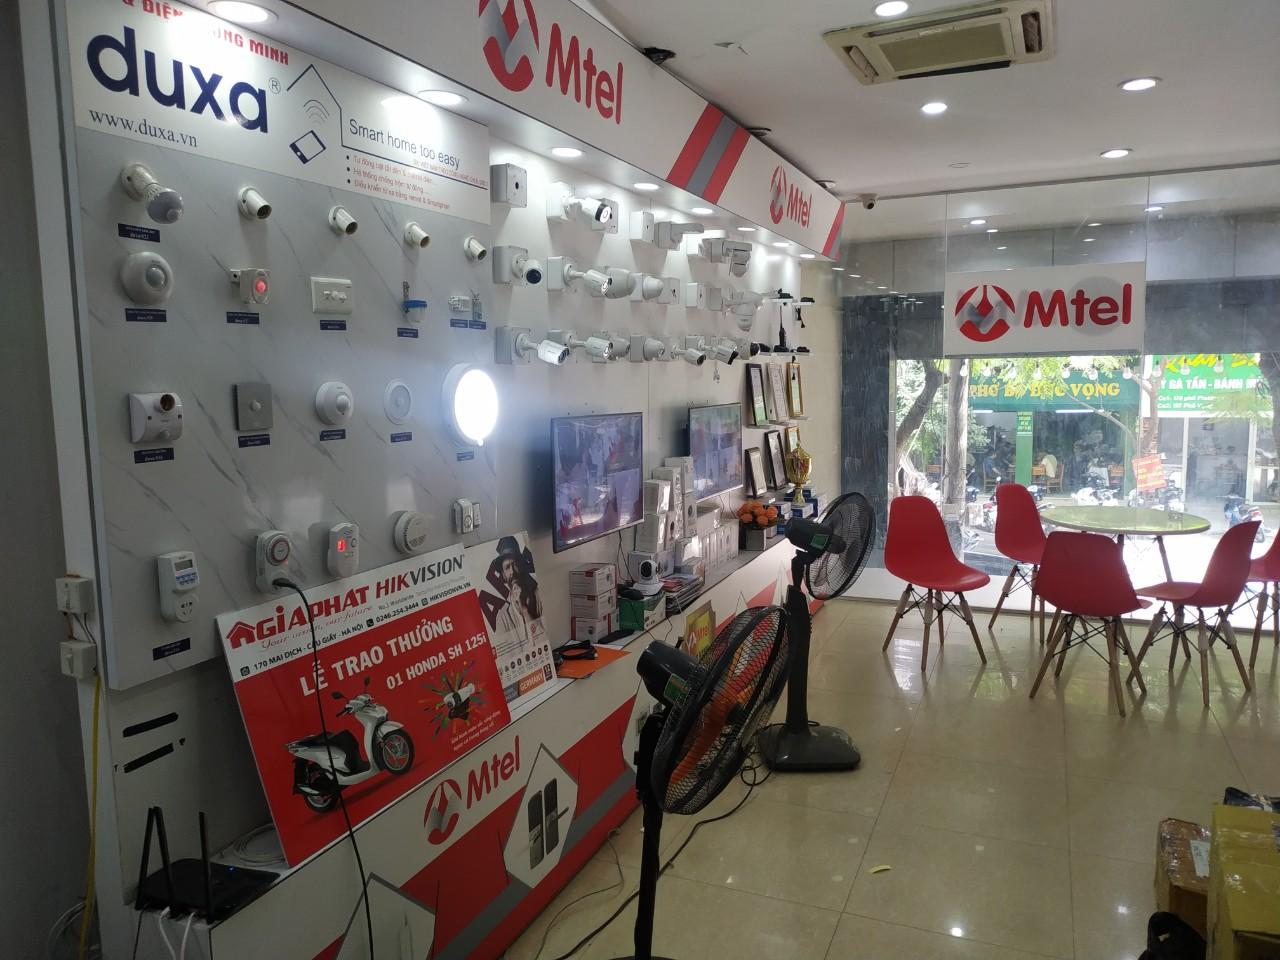 Hình ảnh sản phẩm tại showroom